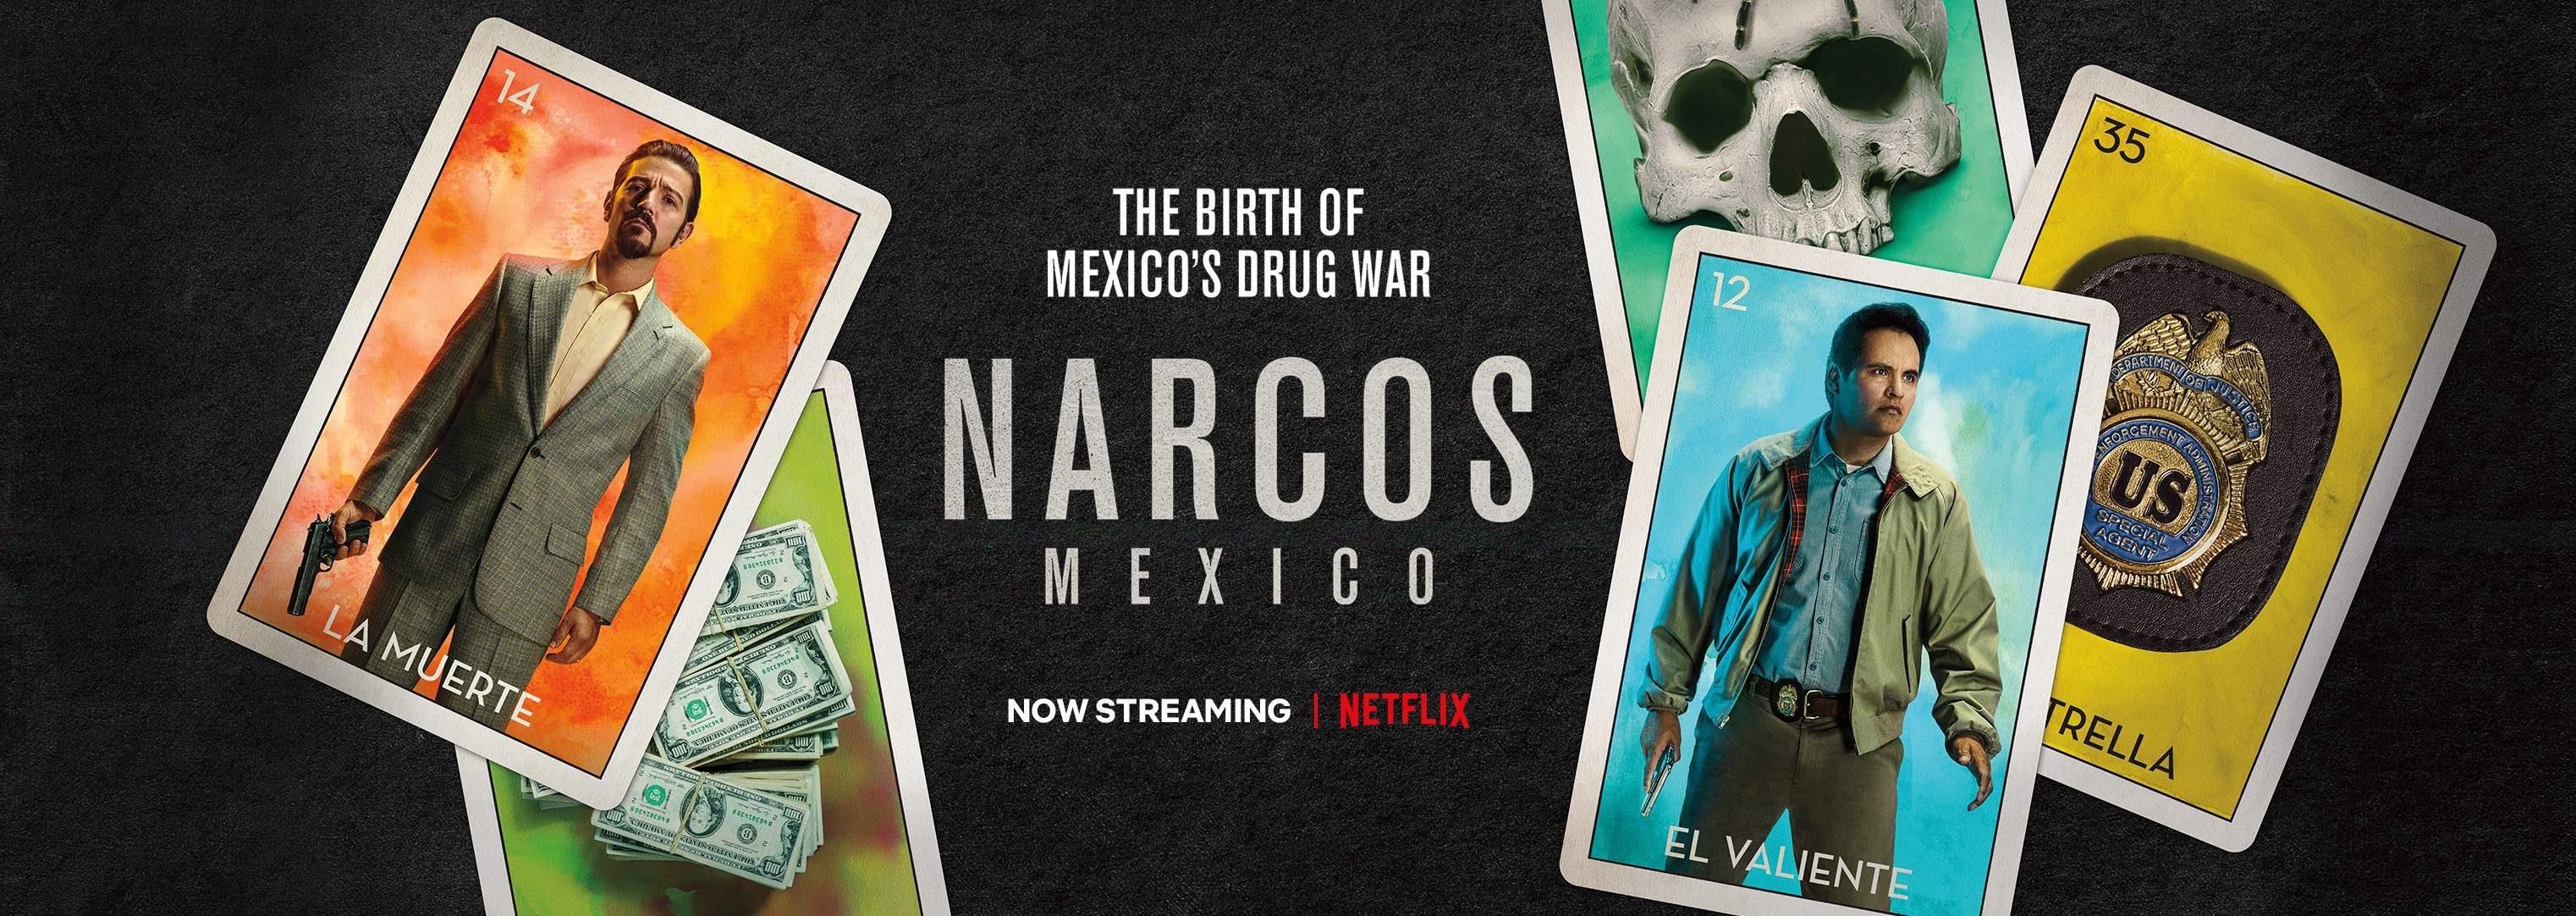 """Cómo ver """"Narcos México"""" en línea"""